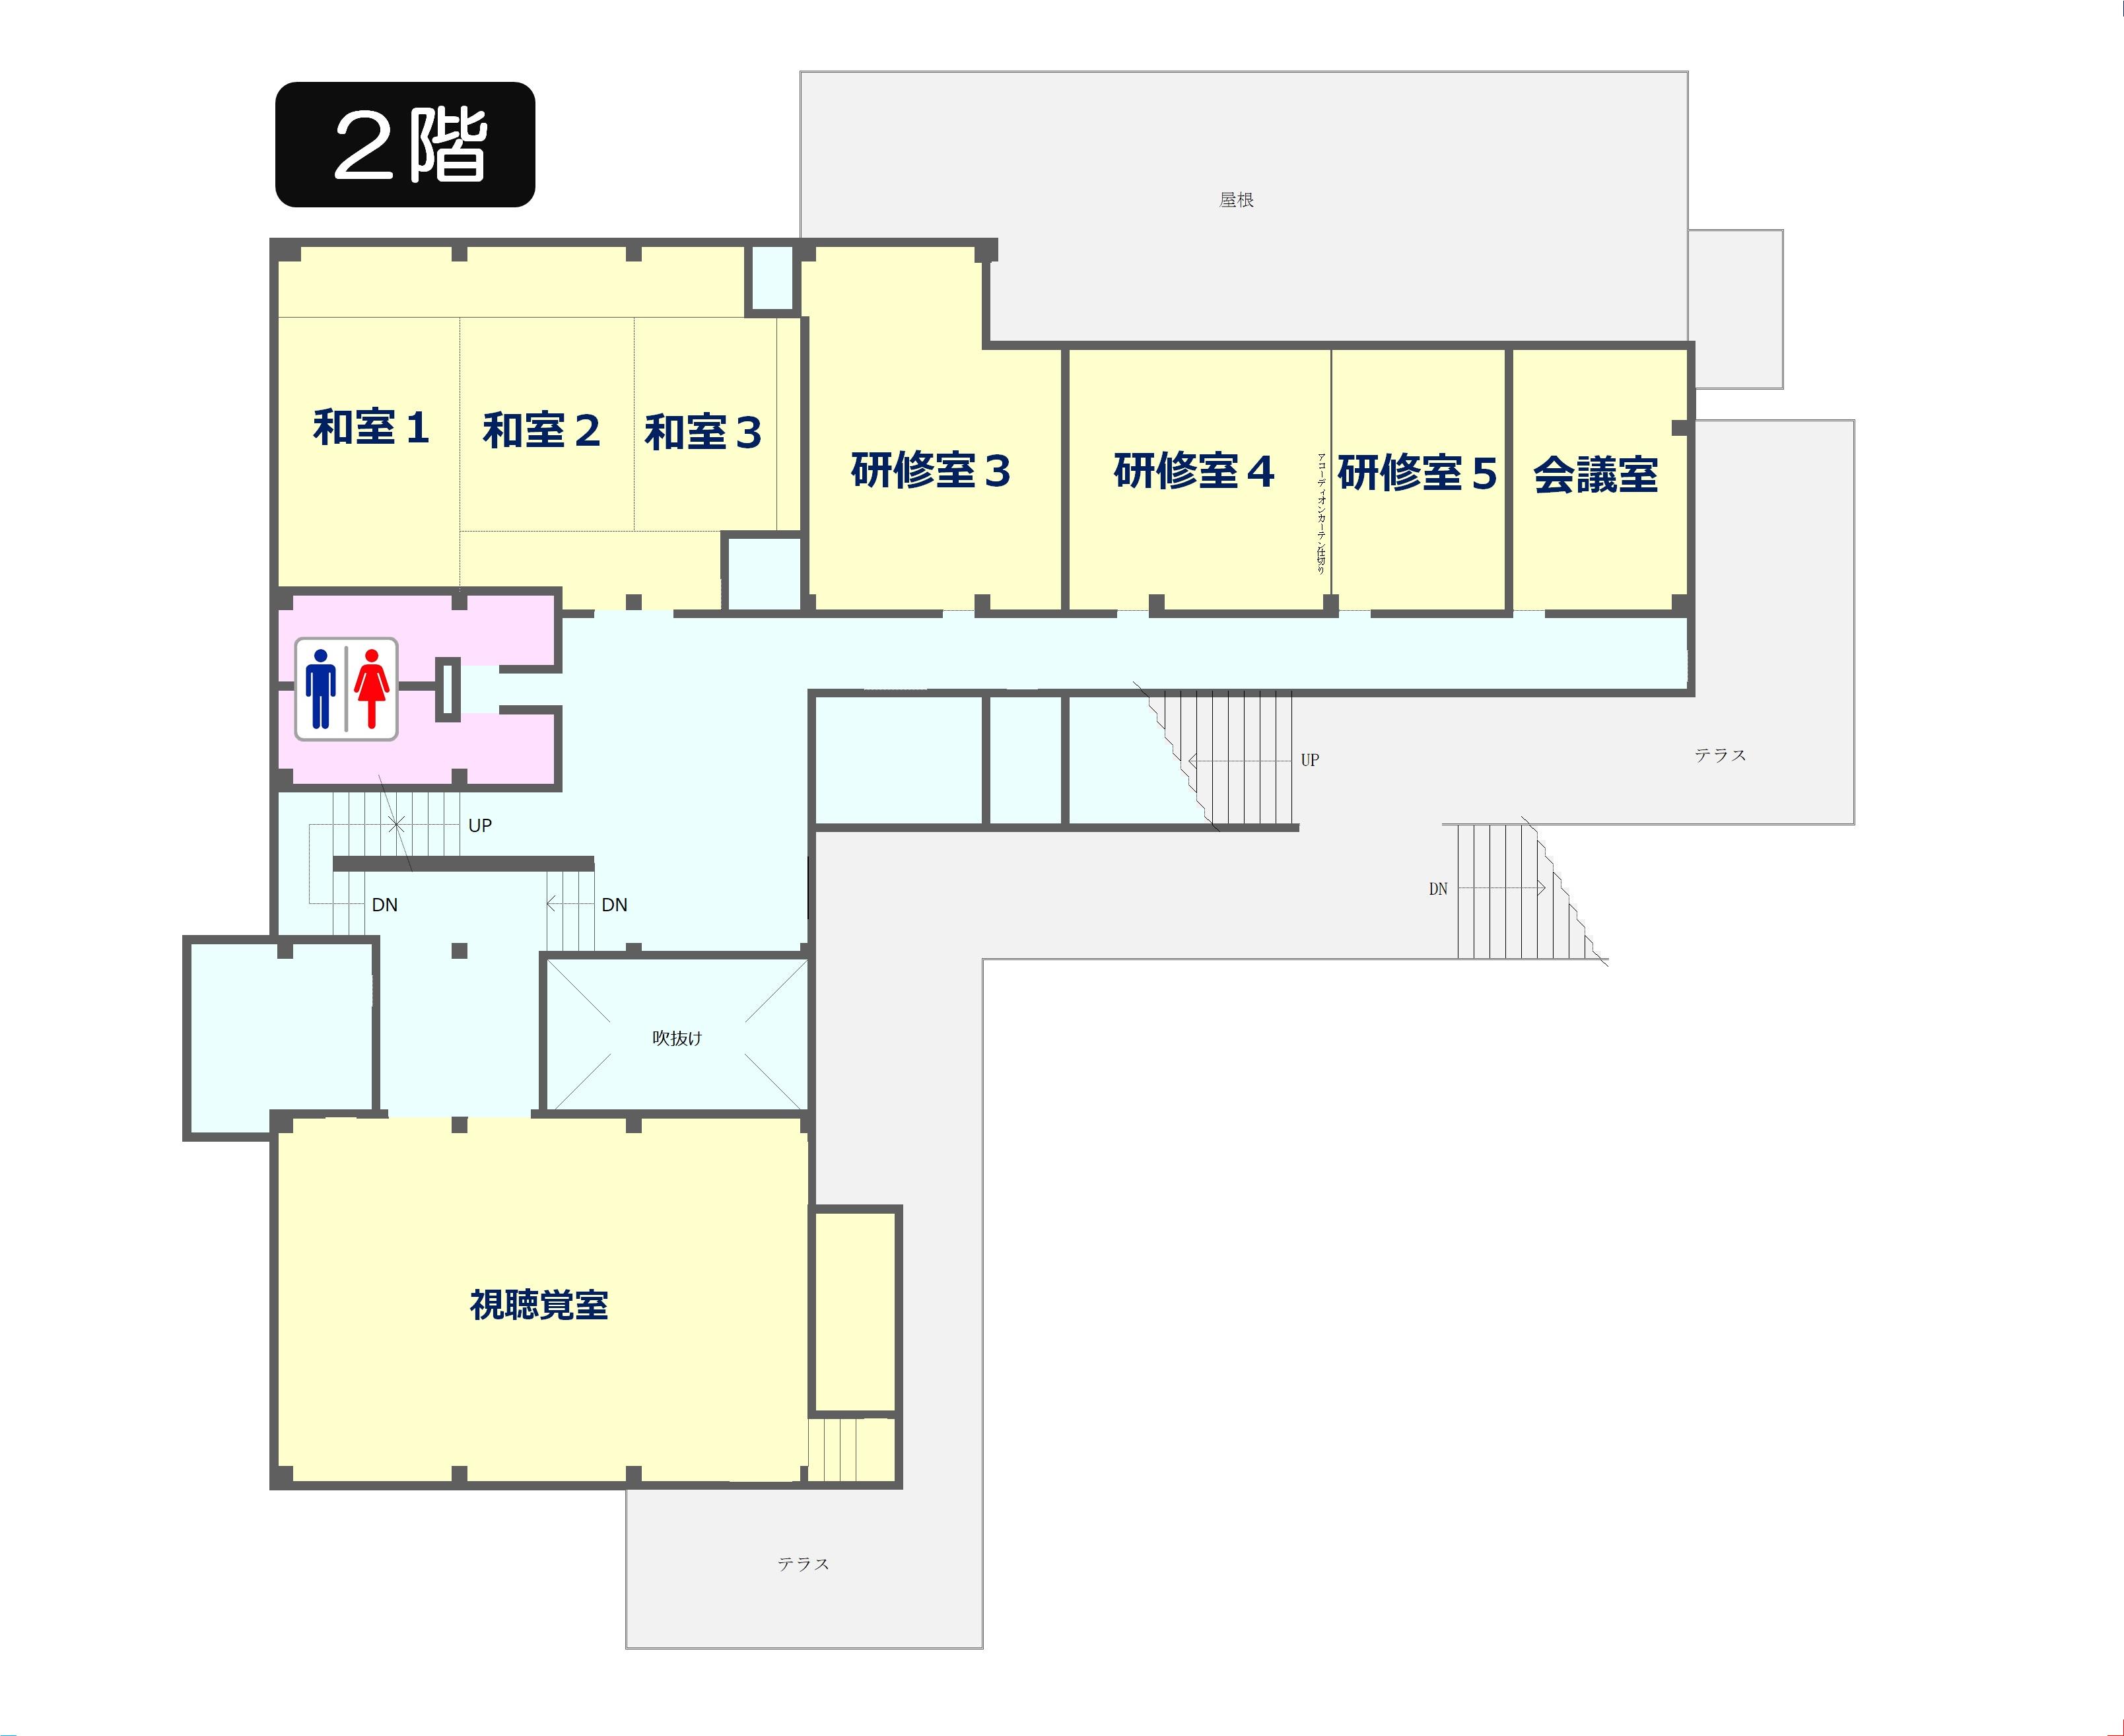 『『『新2階』の画像』の画像』の画像